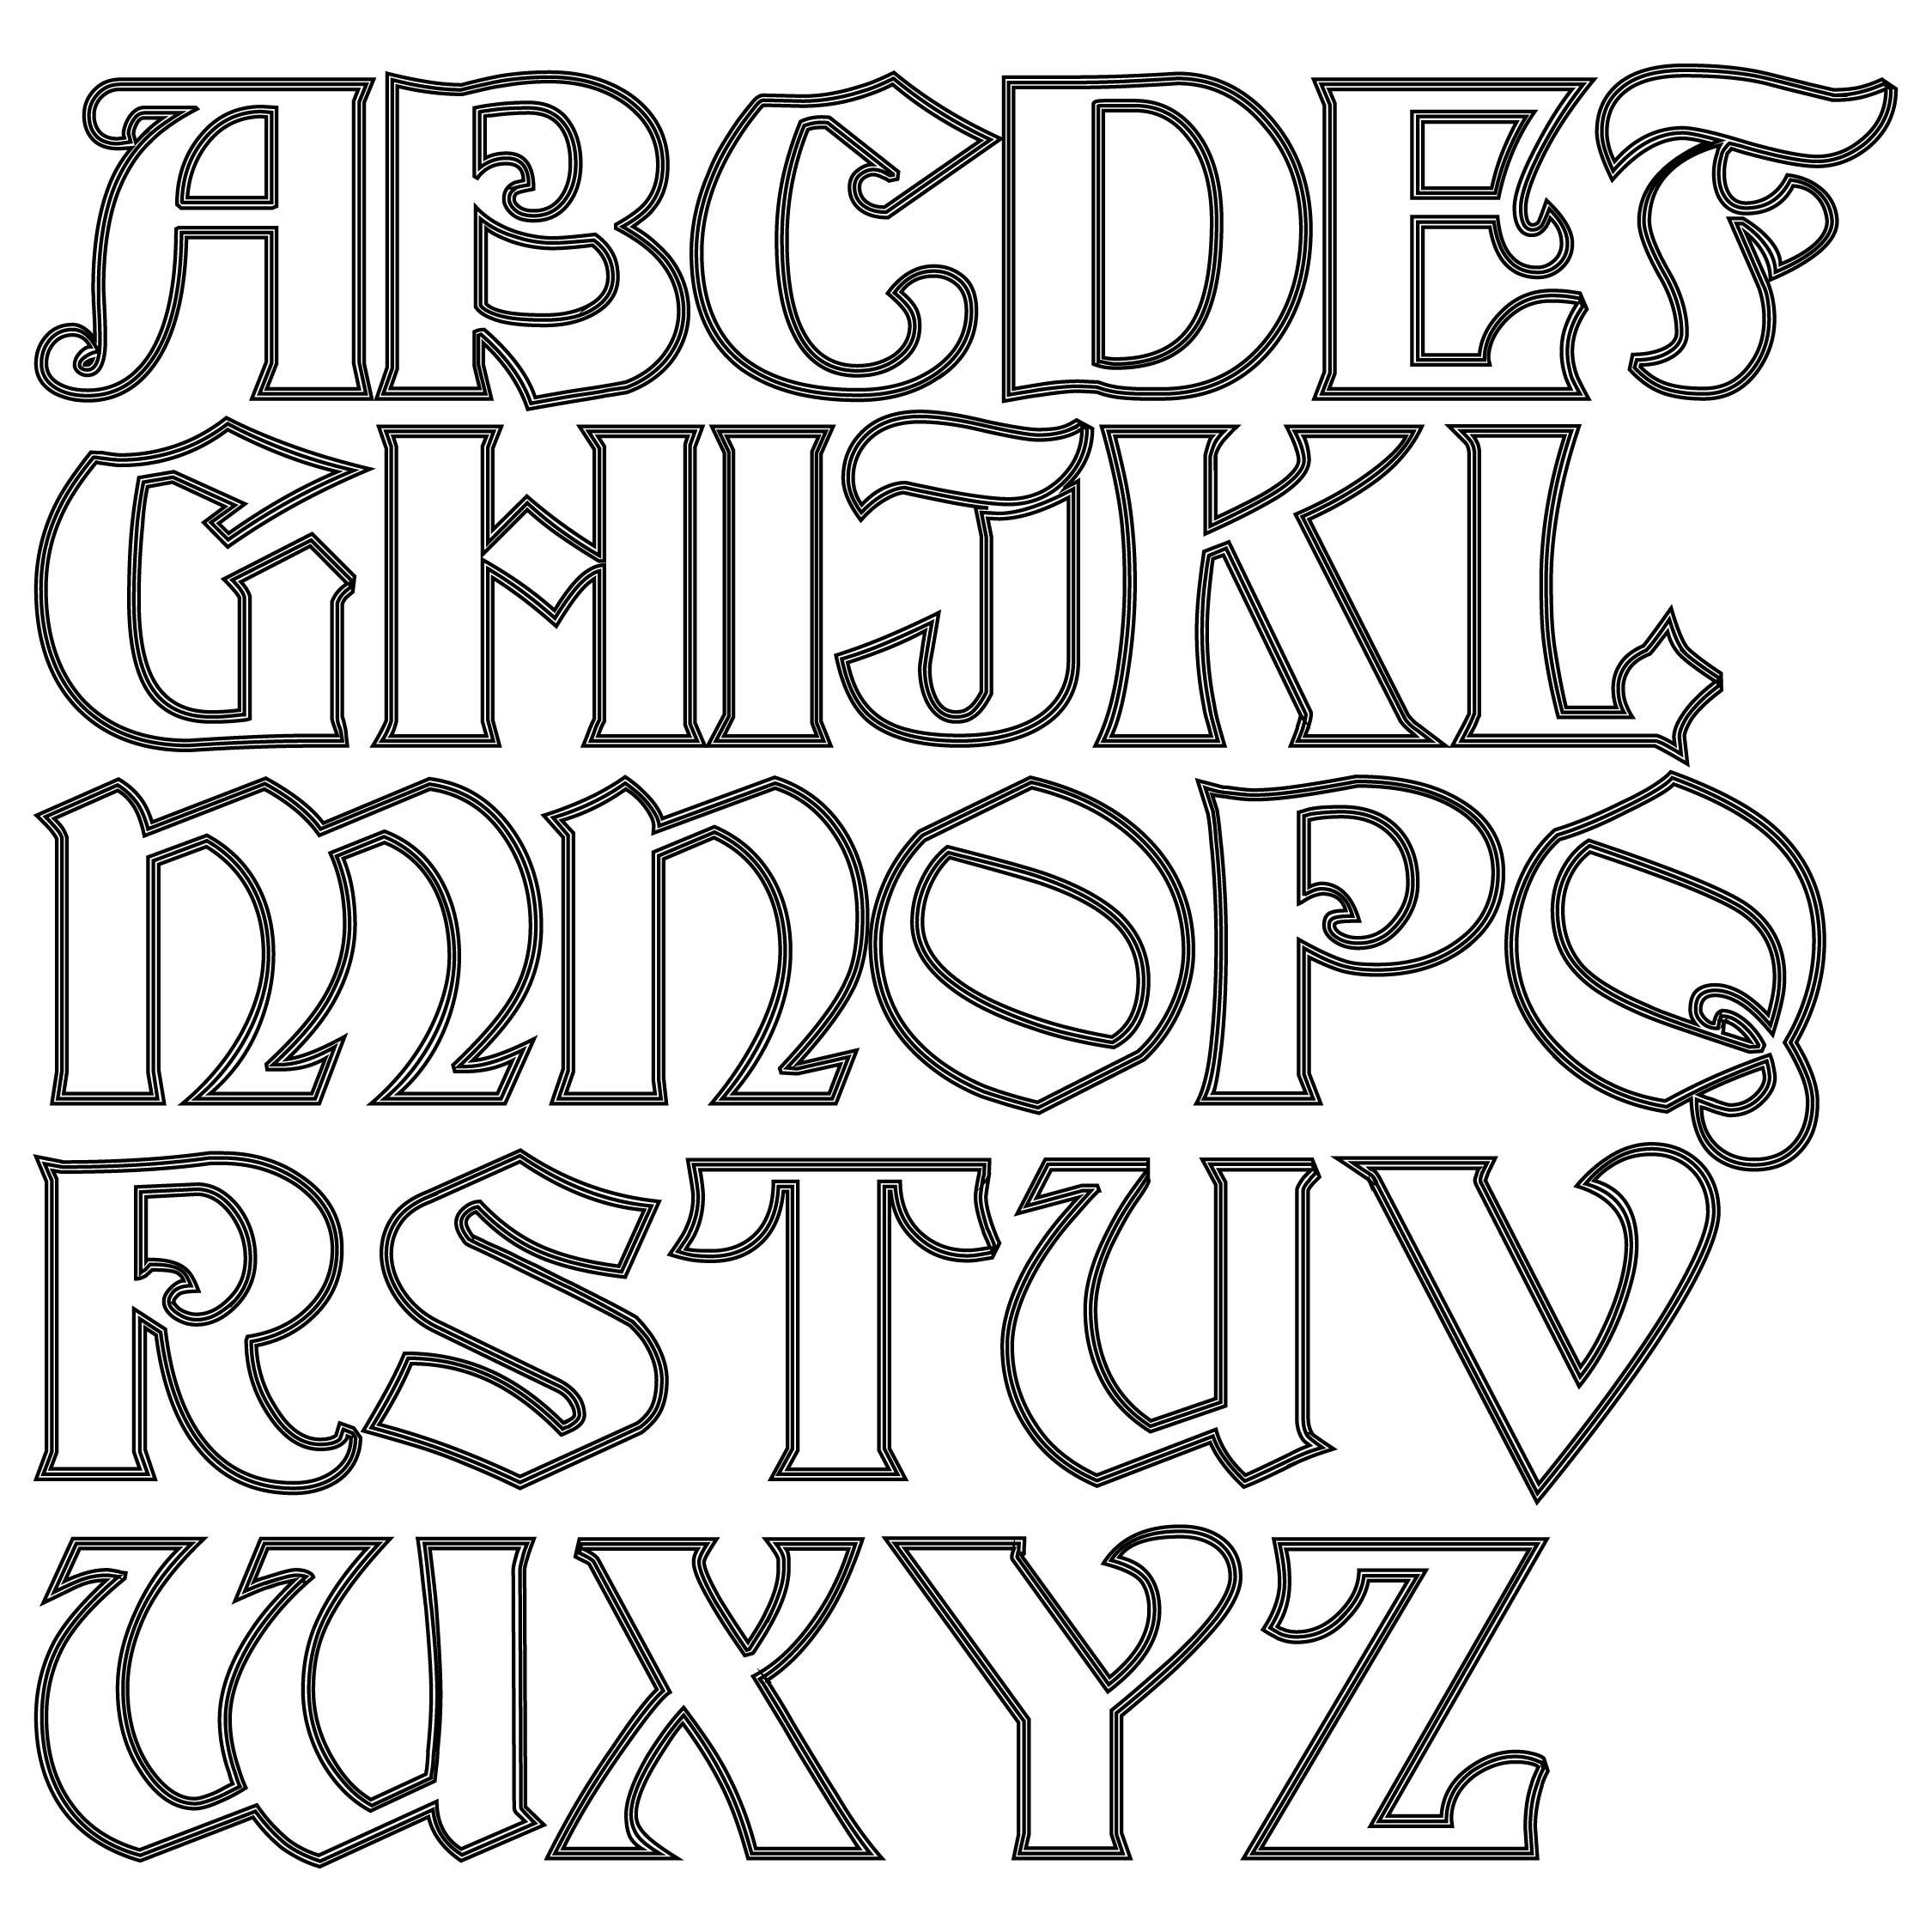 Print Cut Out Alphabet Letters